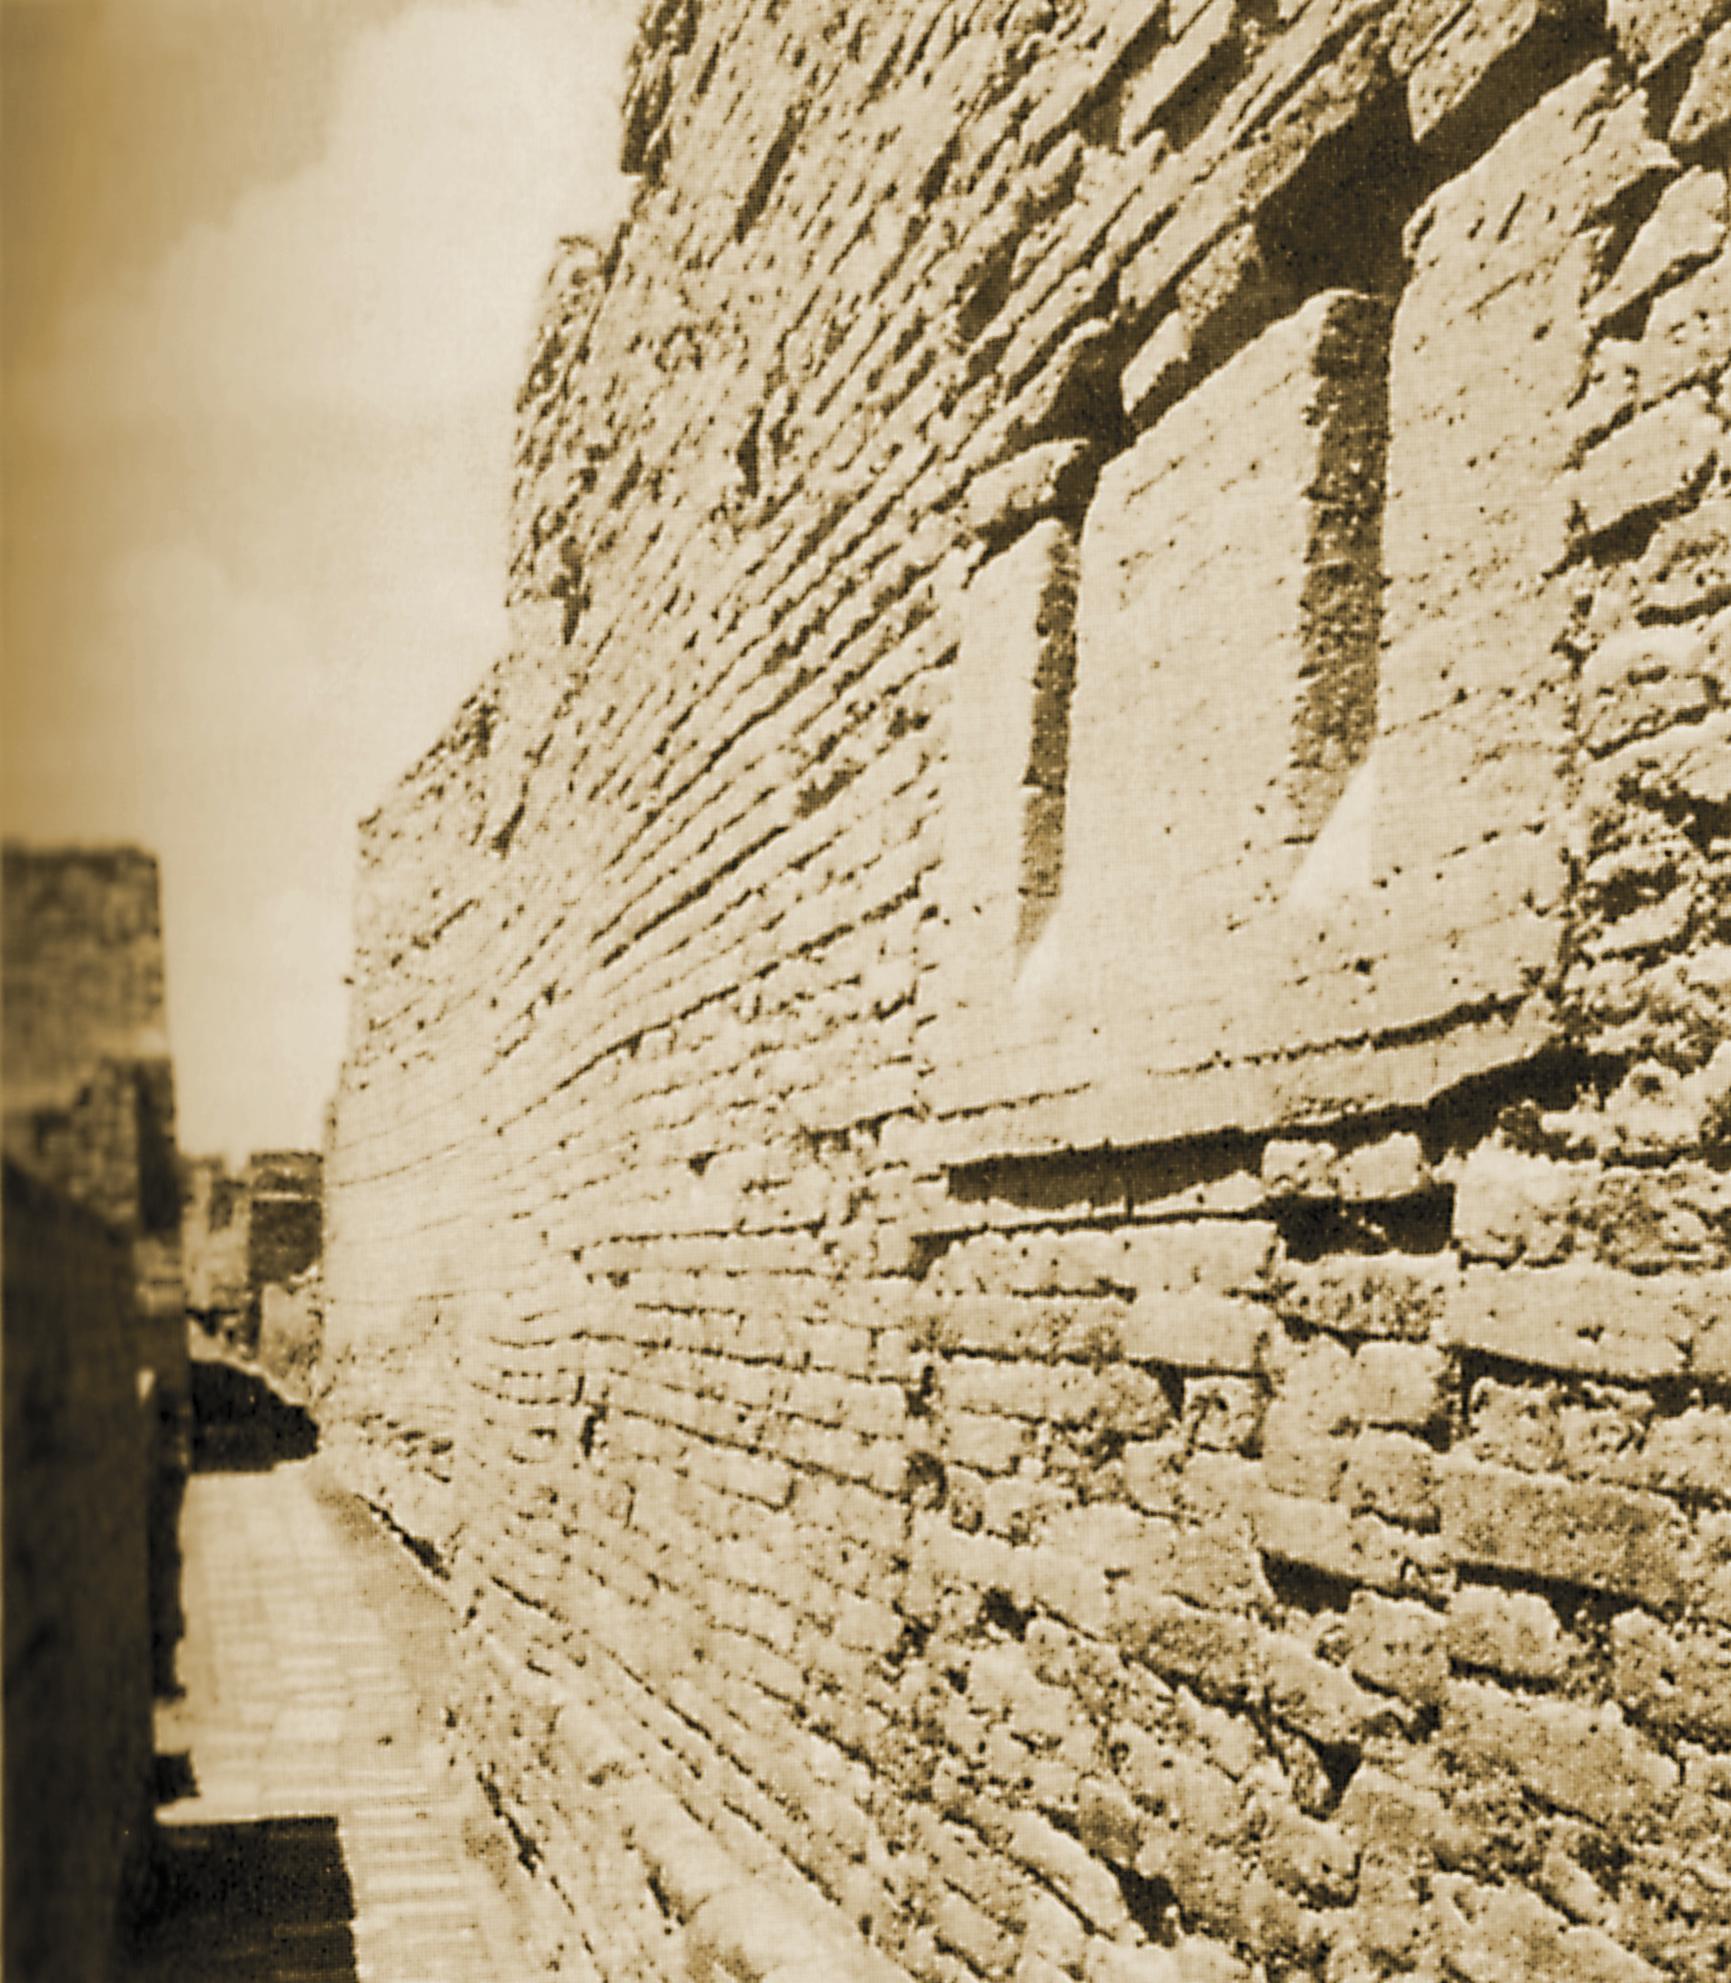 Abschüssige Auslassungen in der Mauer eines antiken Steinhauses durch die Müll aus dem Gebäude in Tongefäße auf der Straße darunter entsorgt wurde.